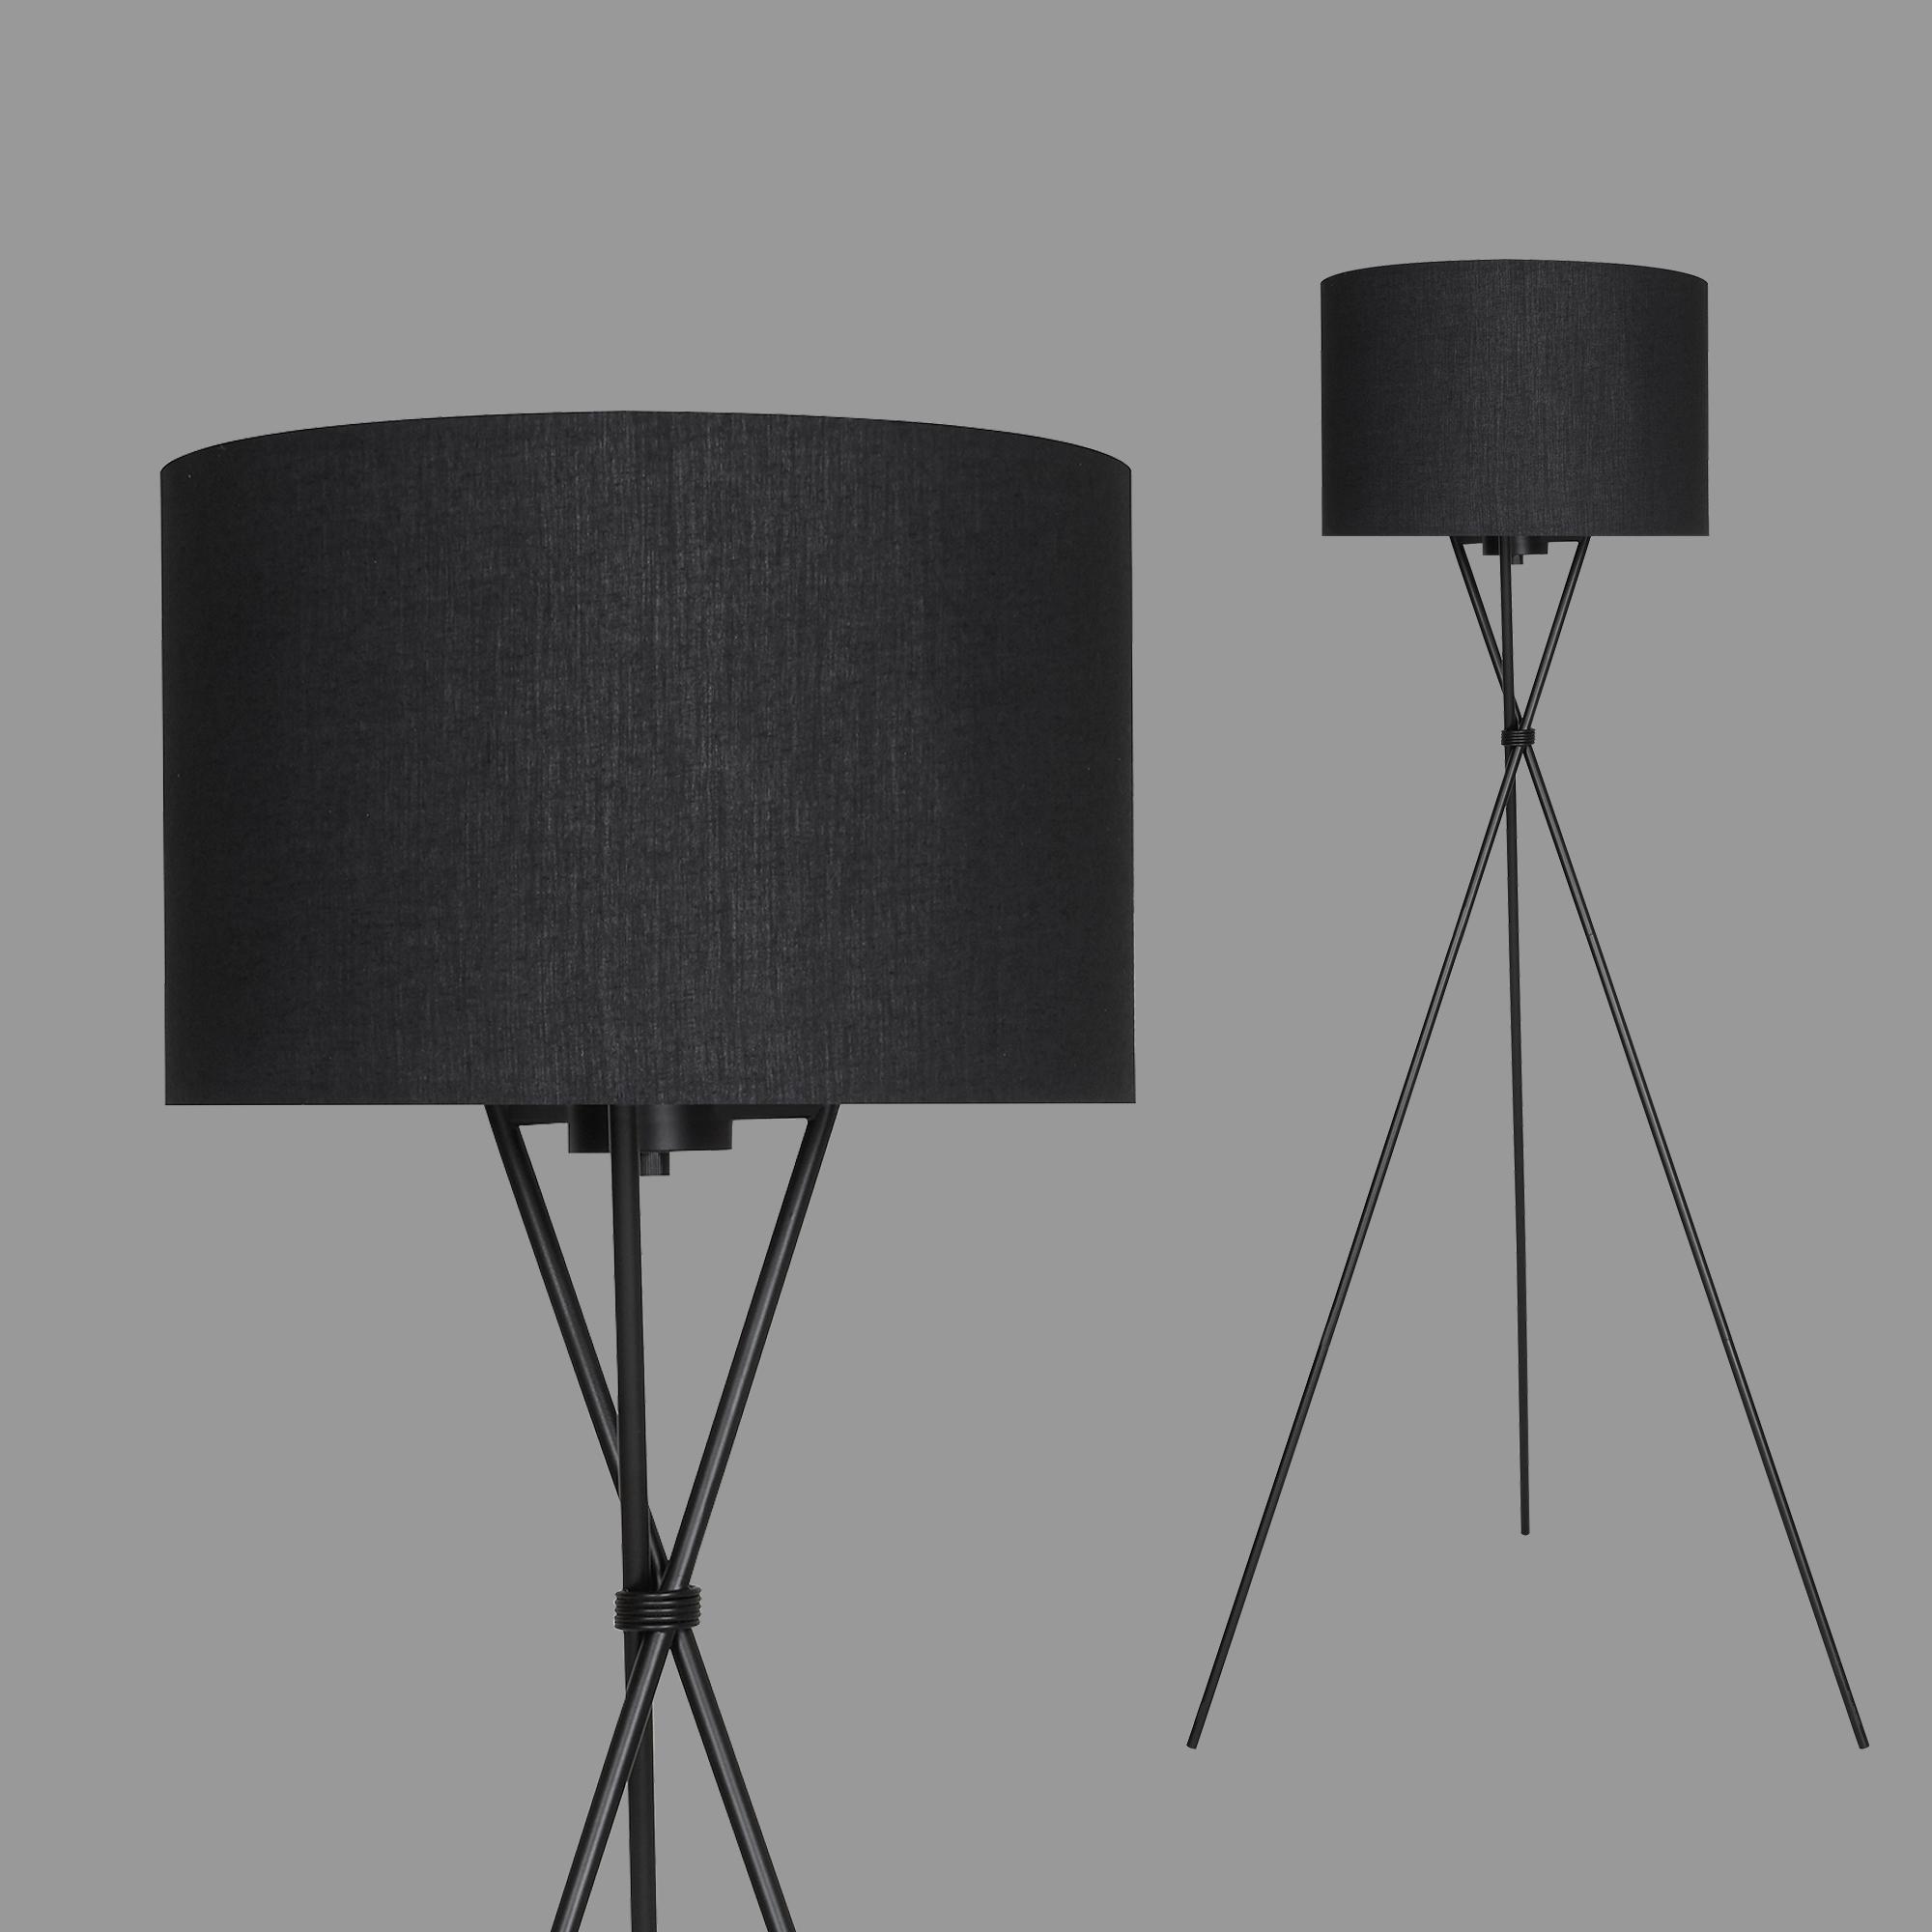 LED Stehleuchte, max. 60 W, 148 cm, Schwarz